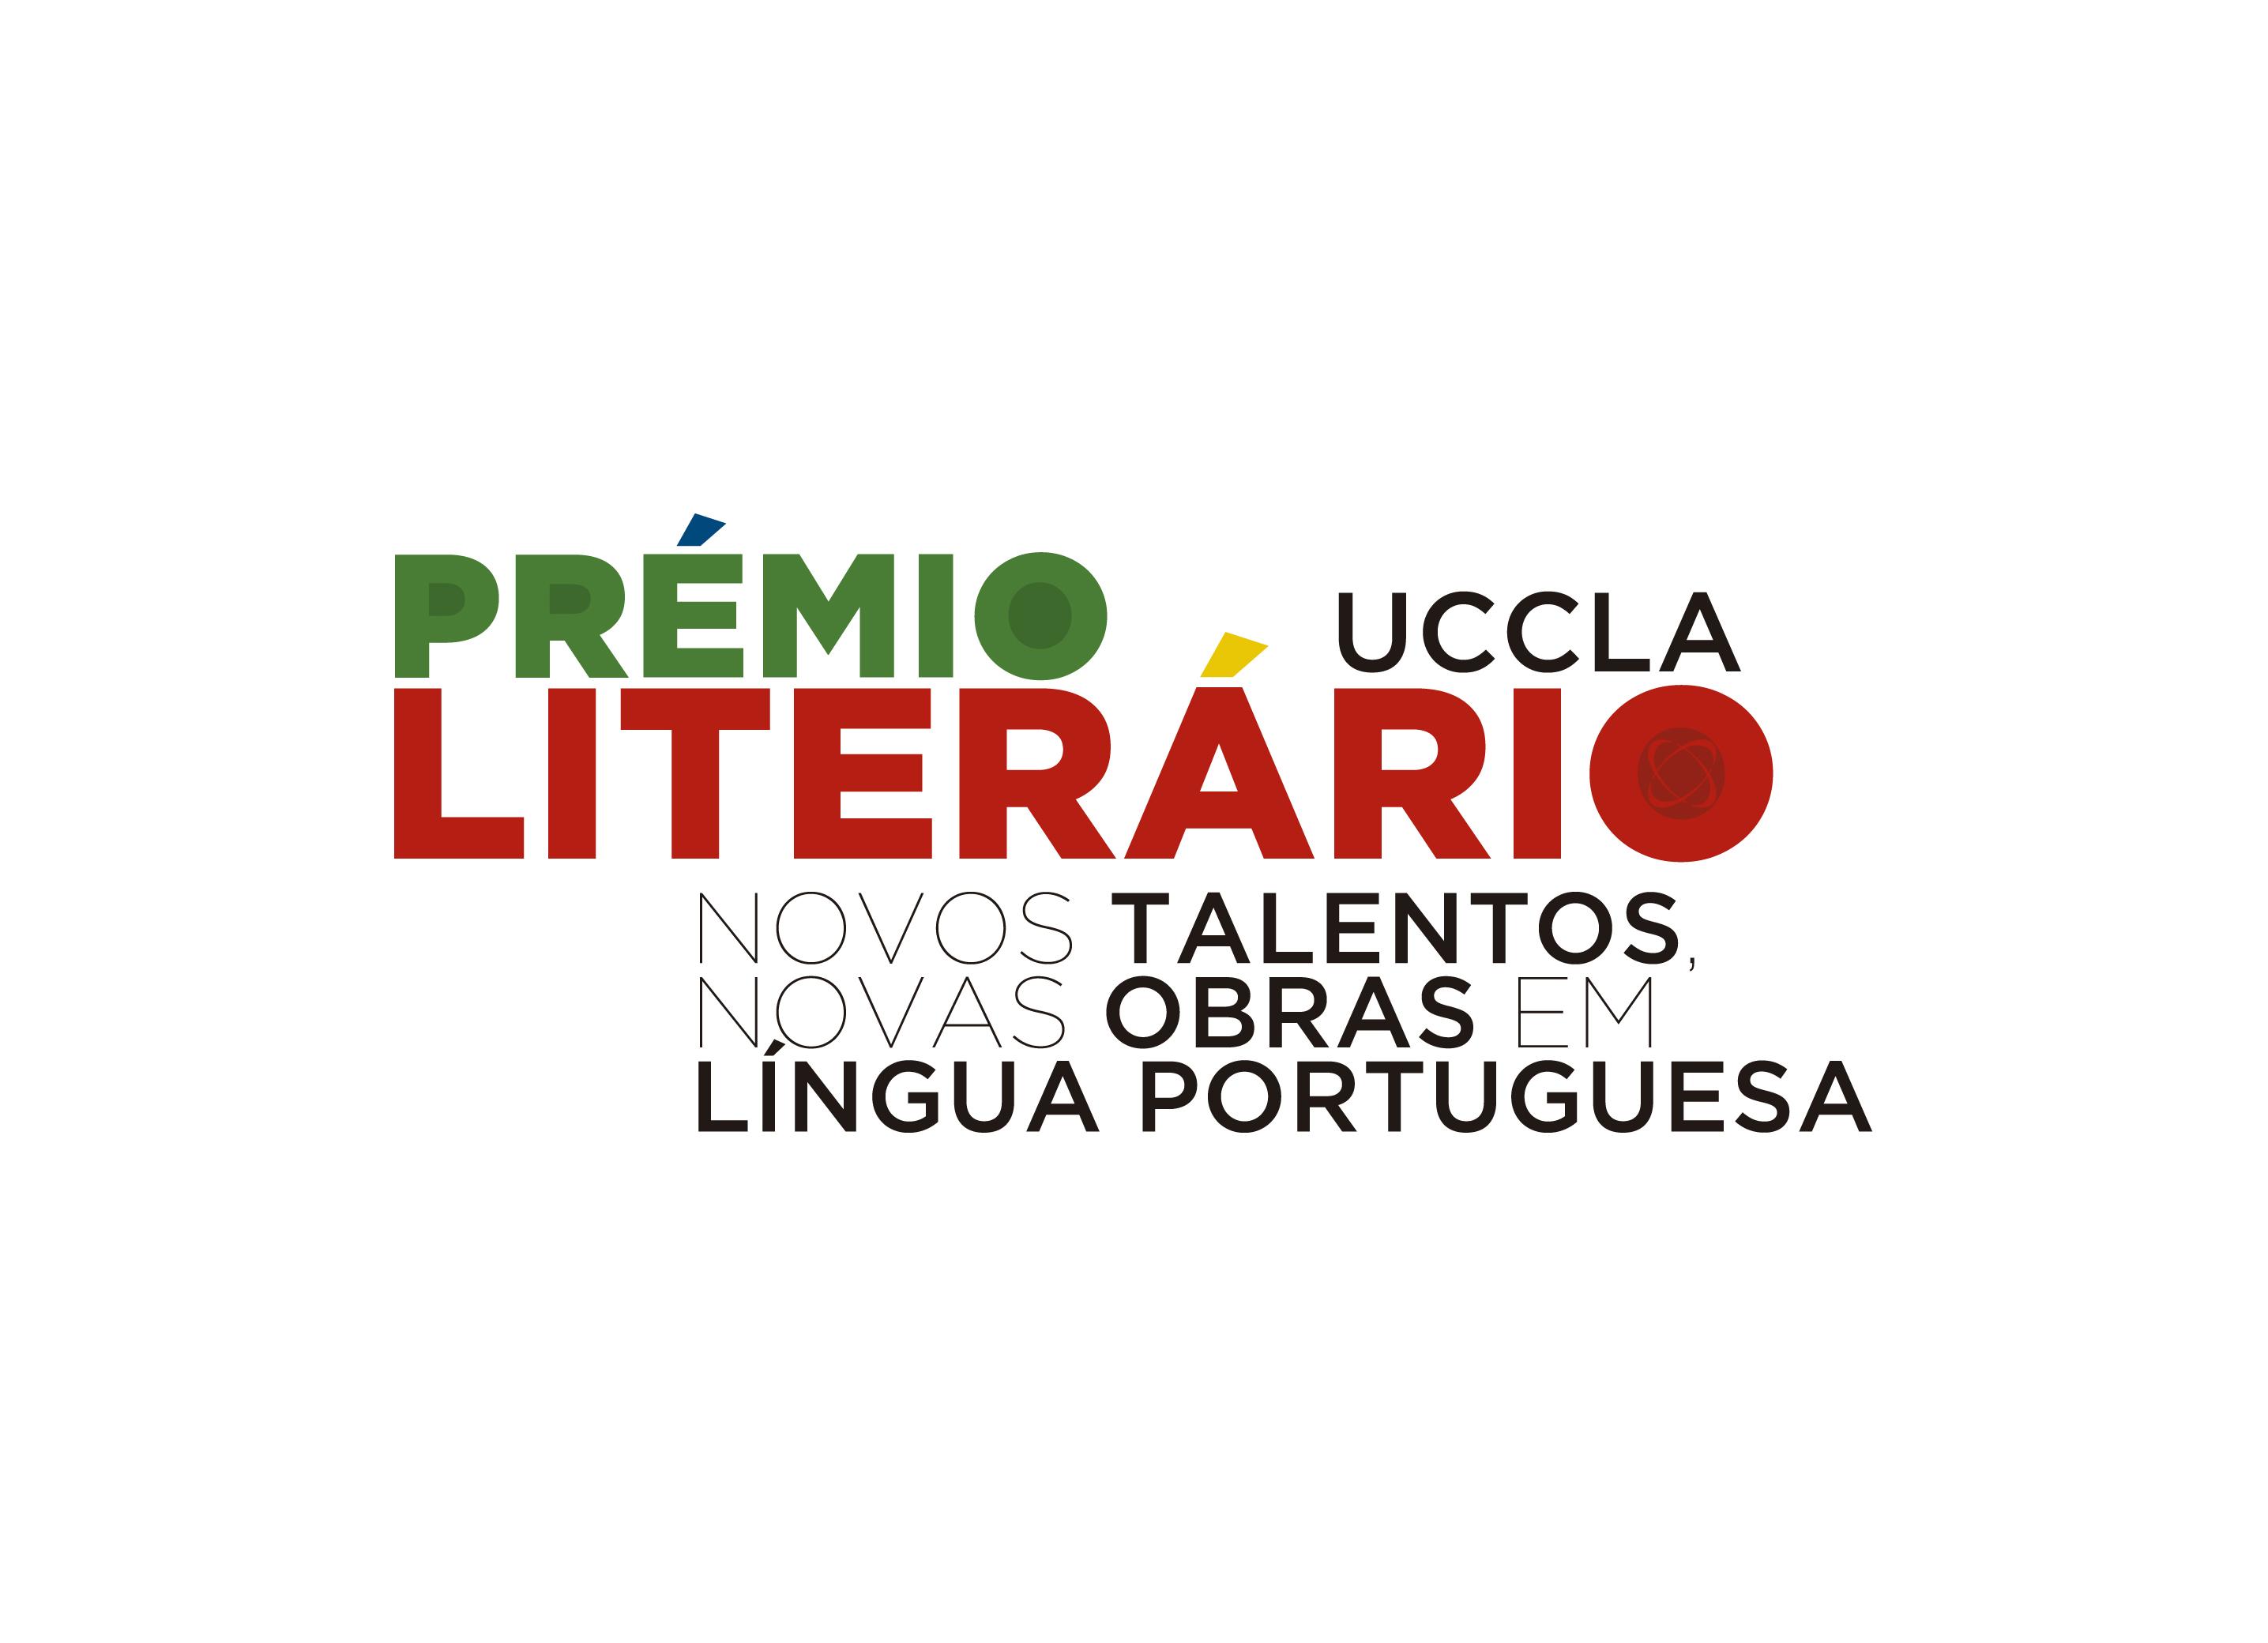 5ª Edição do Prémio Literário UCCLA - Novos Talentos, Novas Obras em Língua Portuguesa